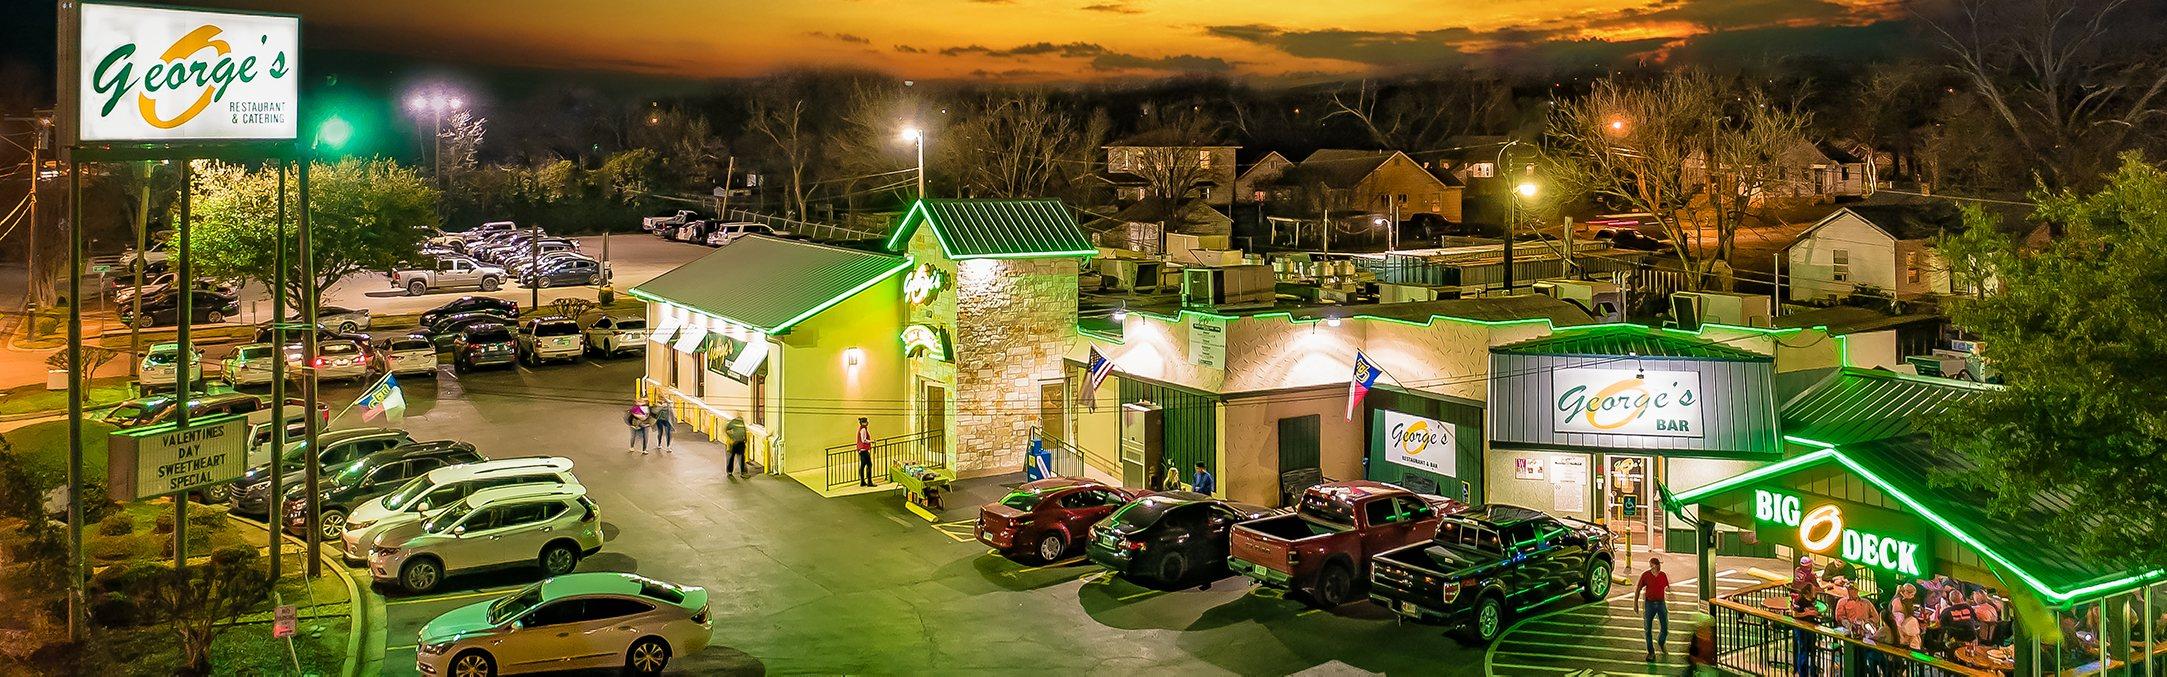 George's (Waco)